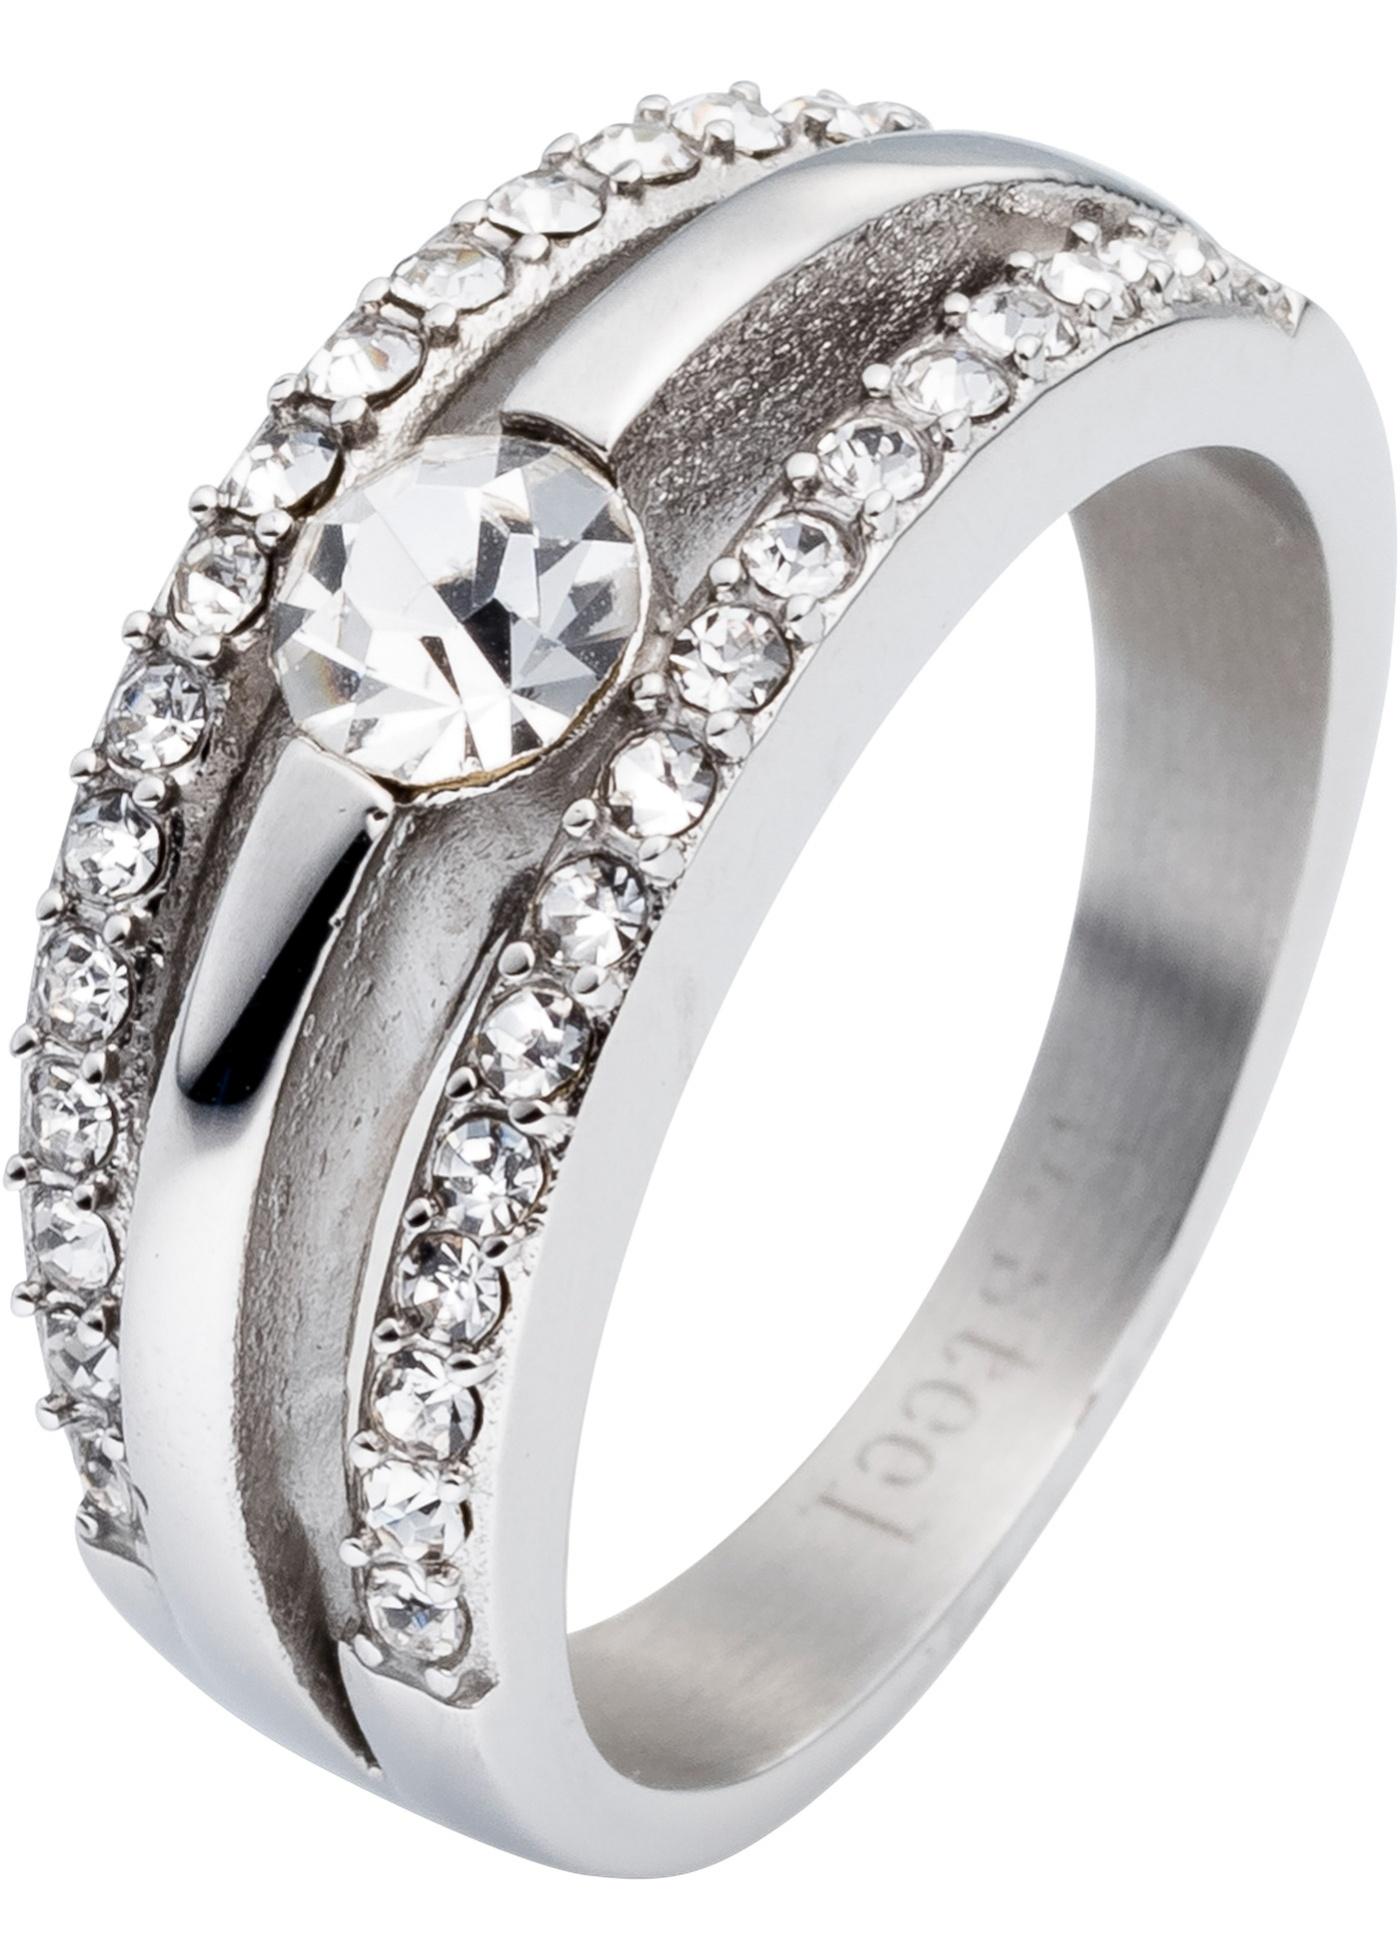 68f80a162e2 Prsten z ušlechtilé oceli - Stříbrná